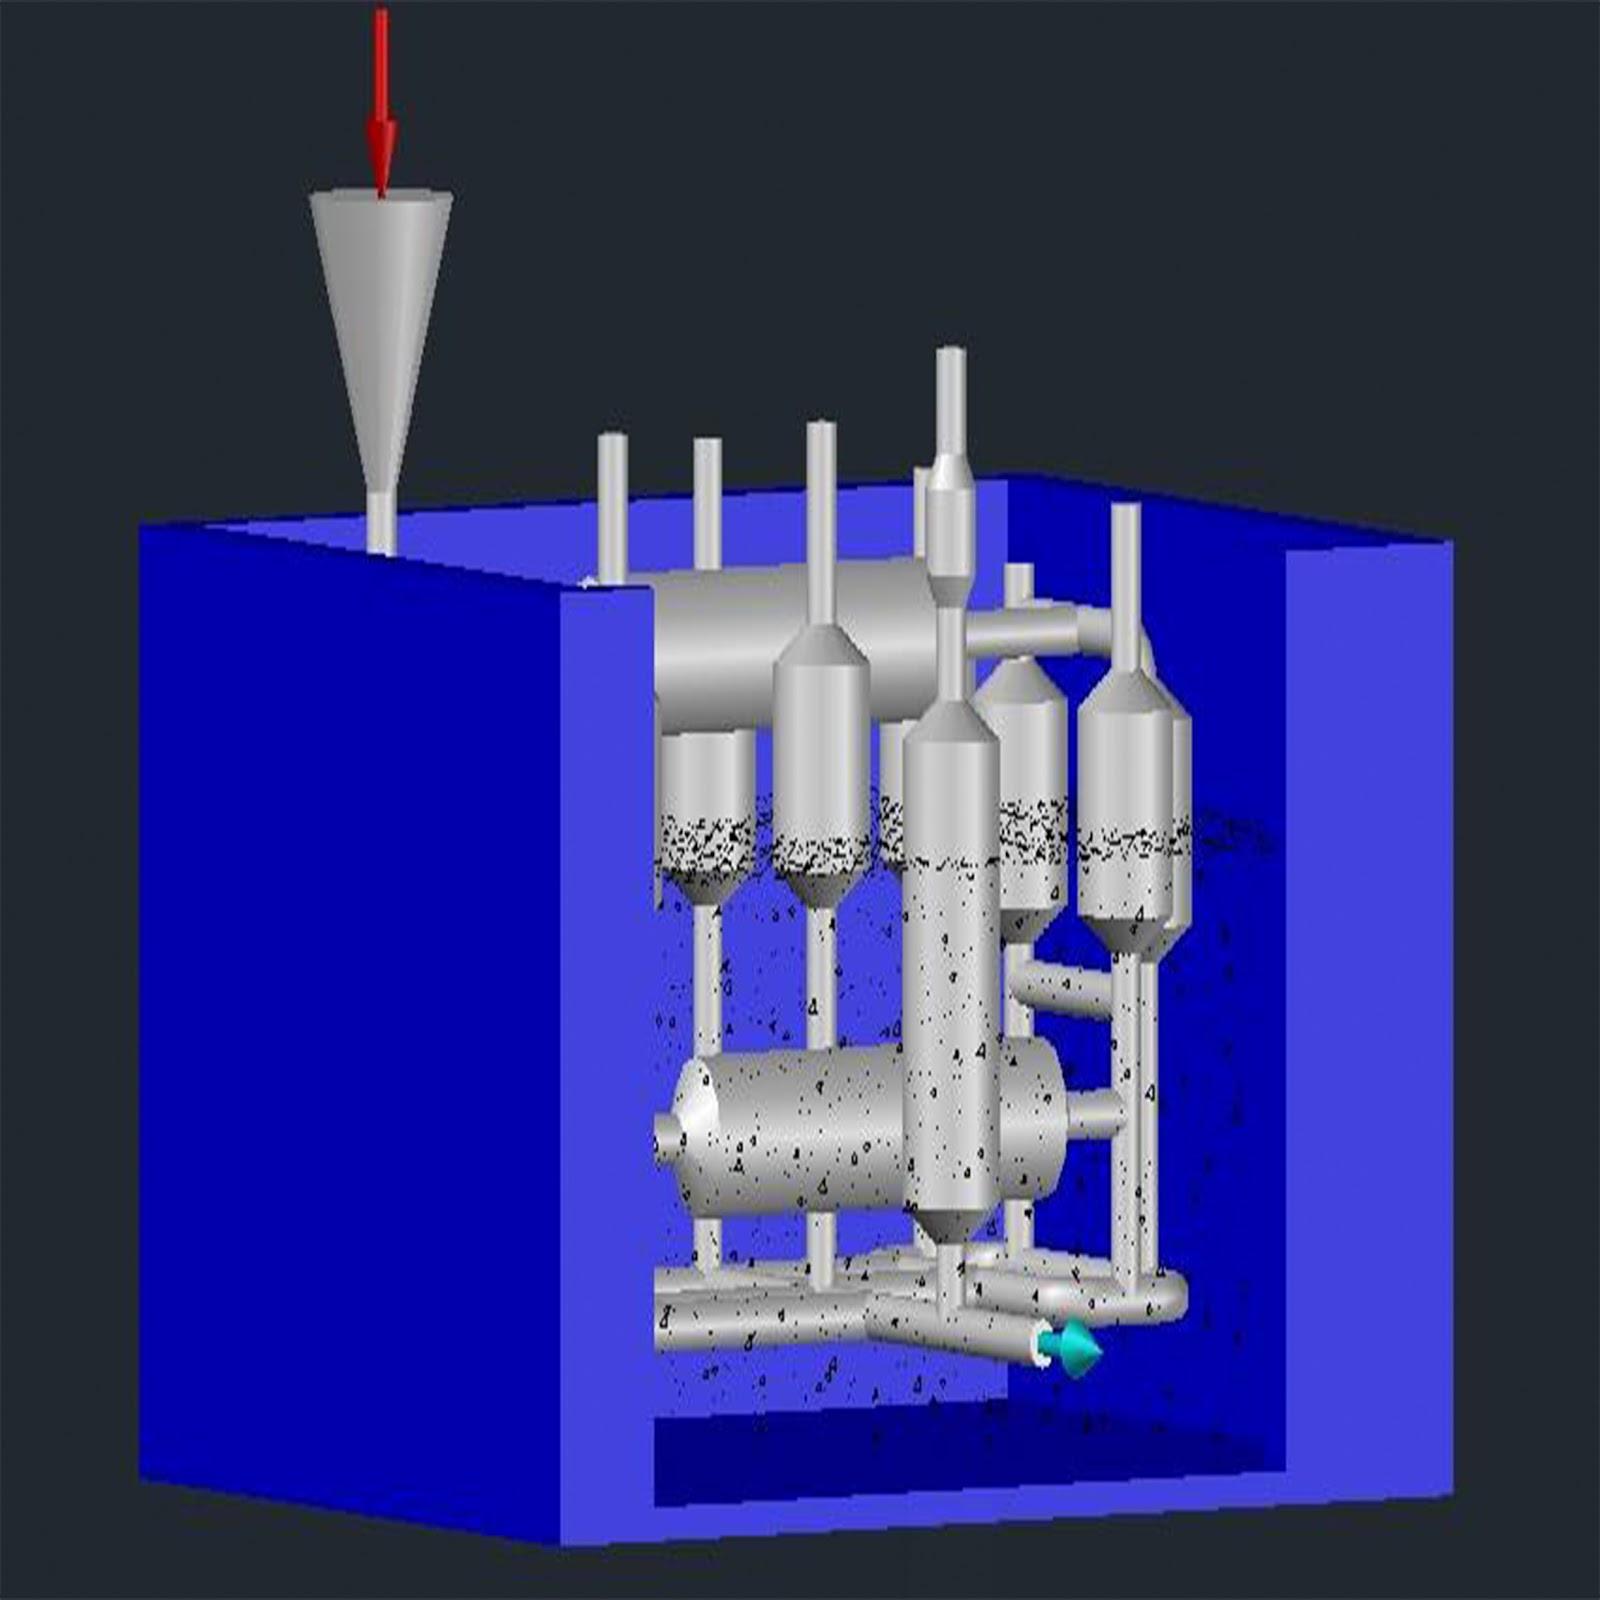 Việc xử lý nước cứng tại nhà bằng công nghệ MET là phù hợp nhất